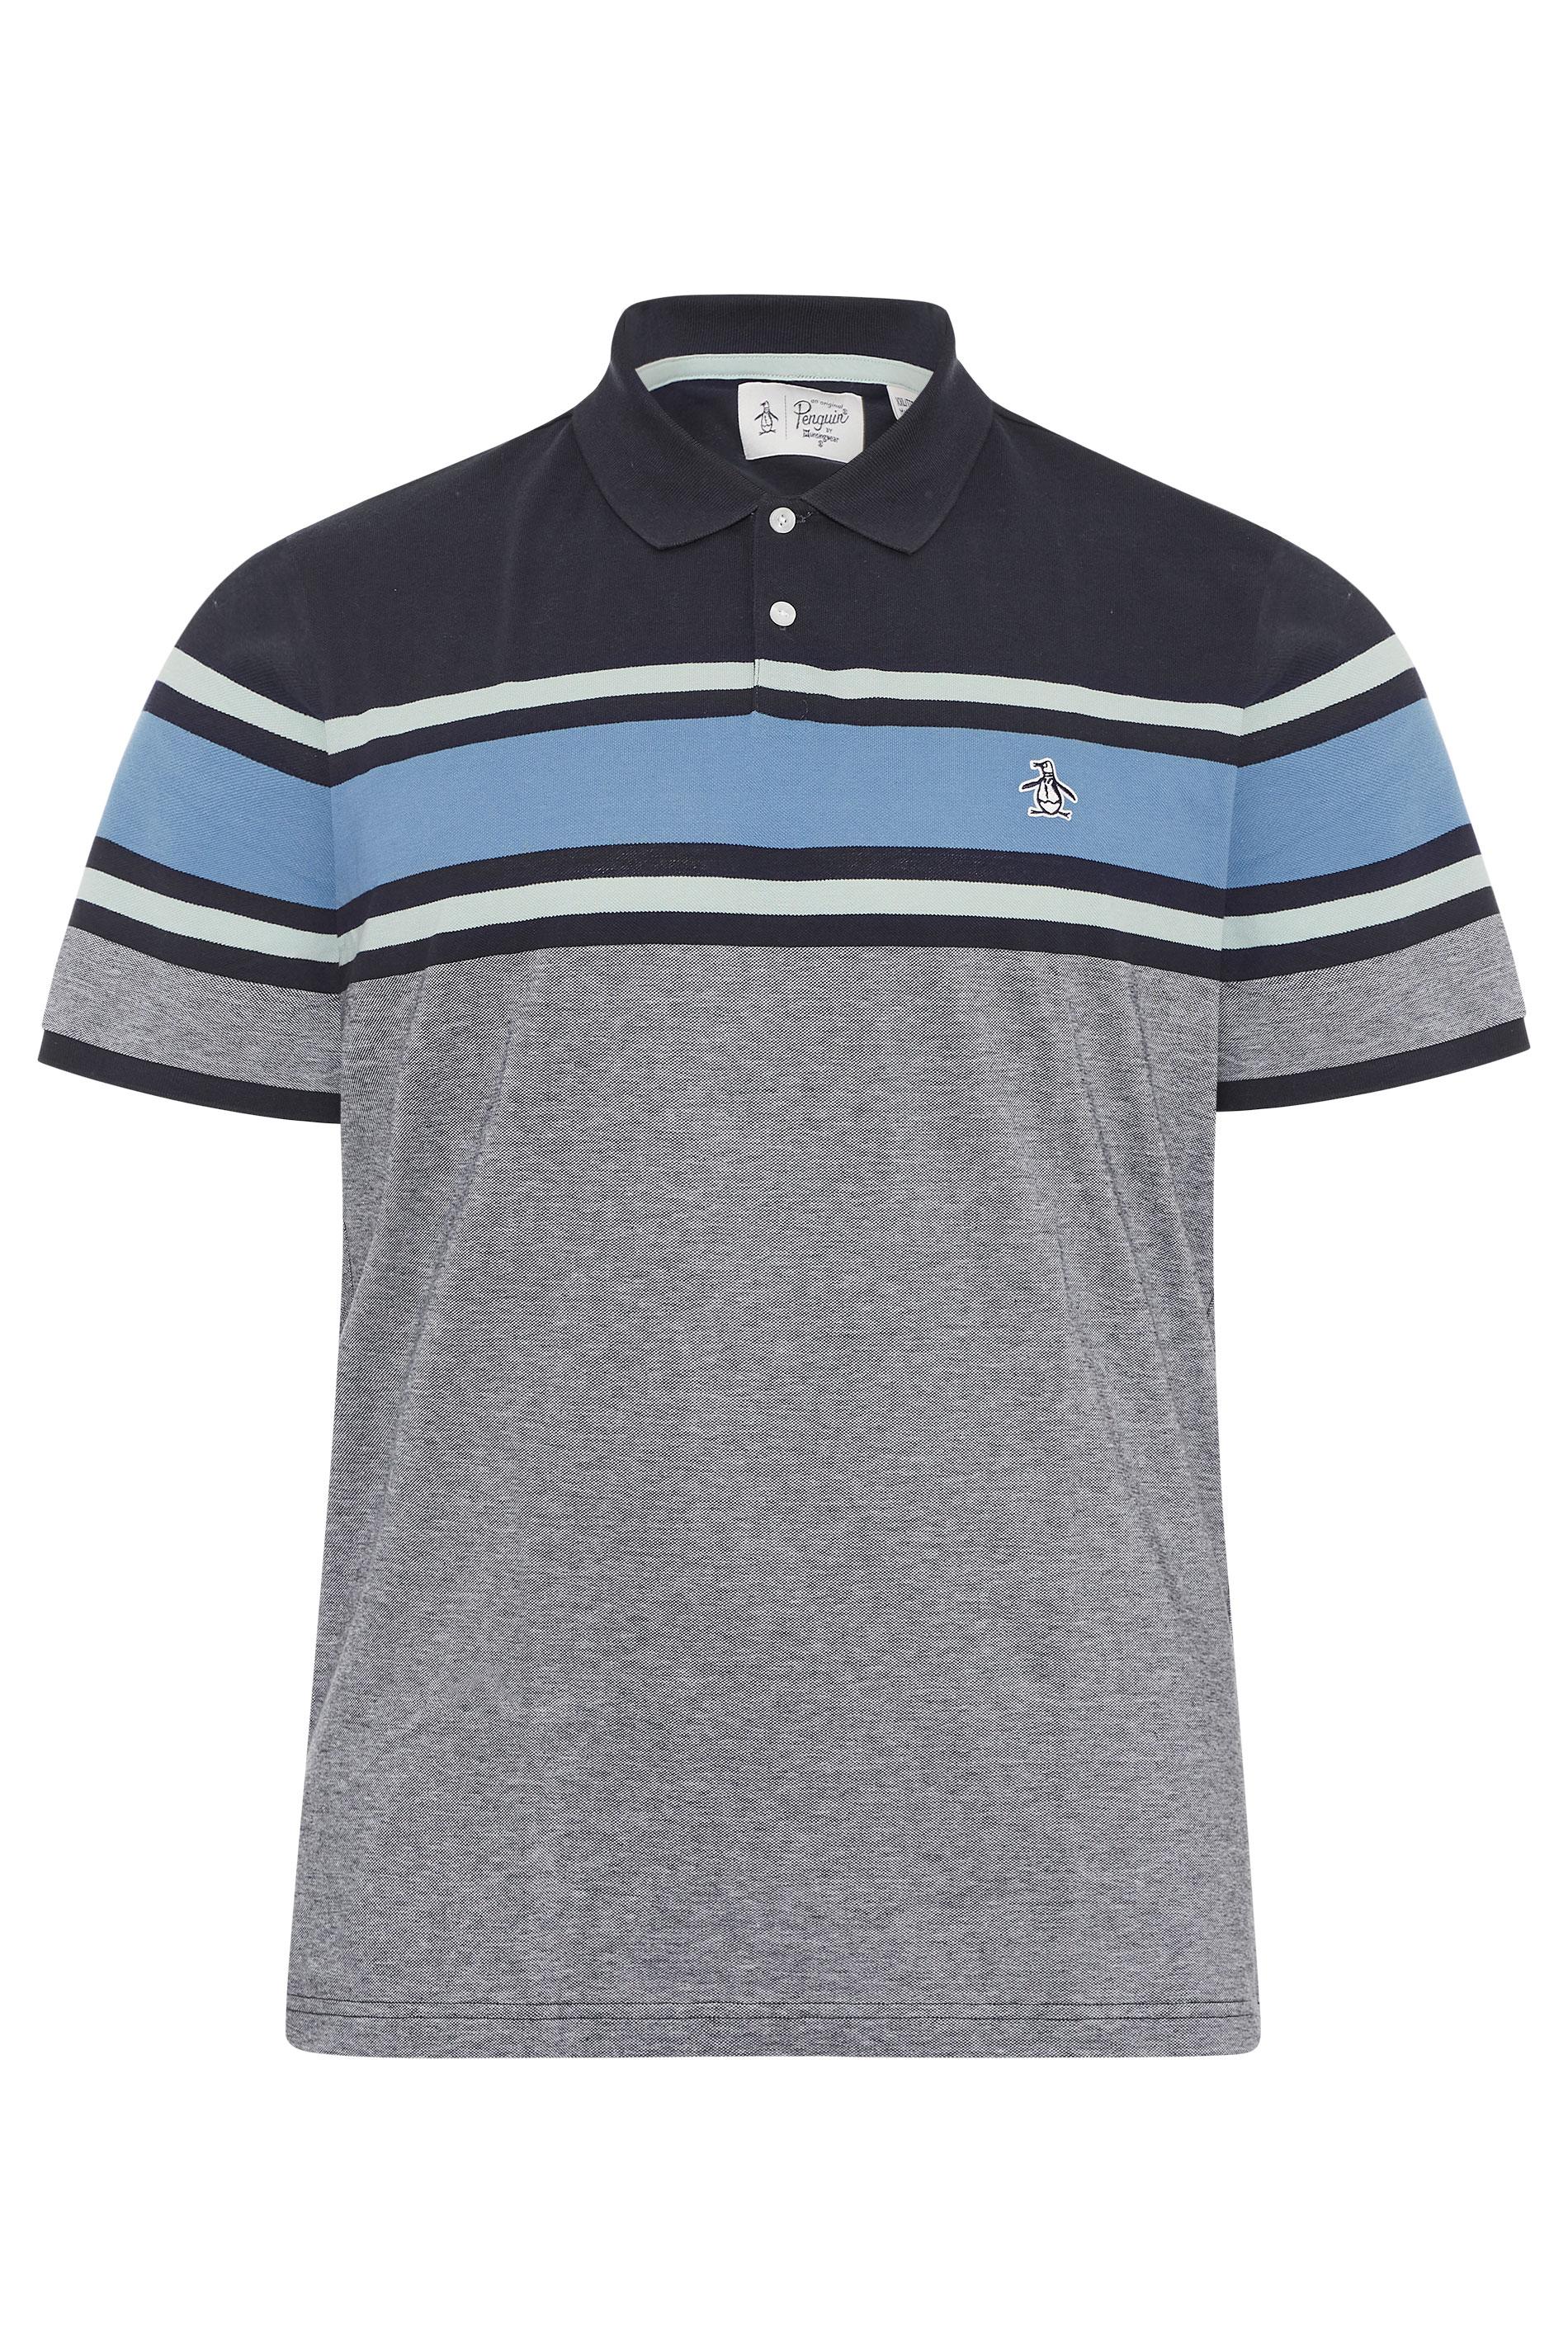 PENGUIN MUNSINGWEAR Marineblaues gestreiftes Polo Hemd